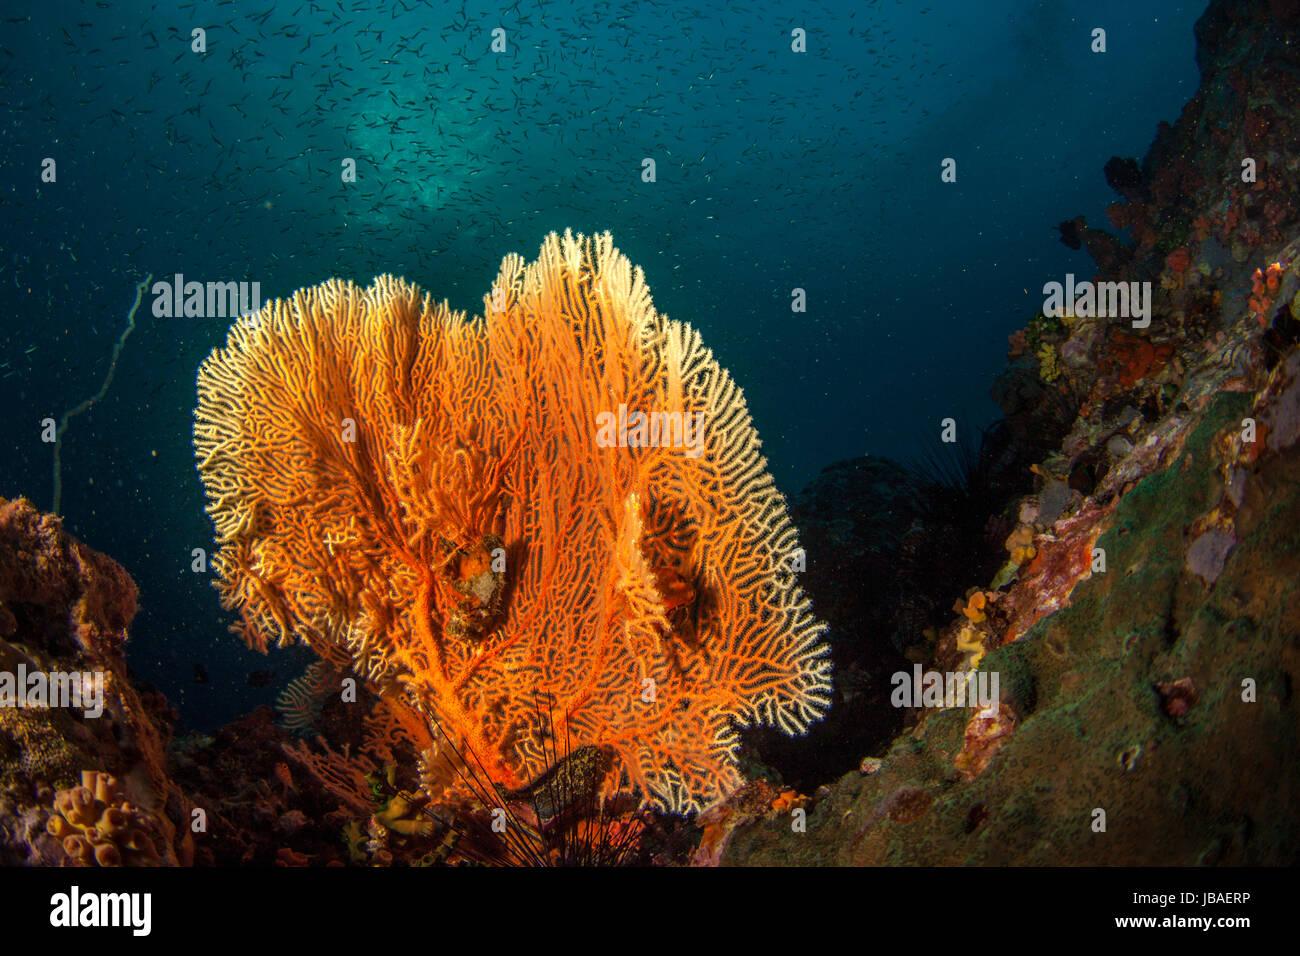 Fan de mar Gorgonia naranja saludable pie rodeado por una escolarización pequeños peces el agua azul oscuro Imagen De Stock